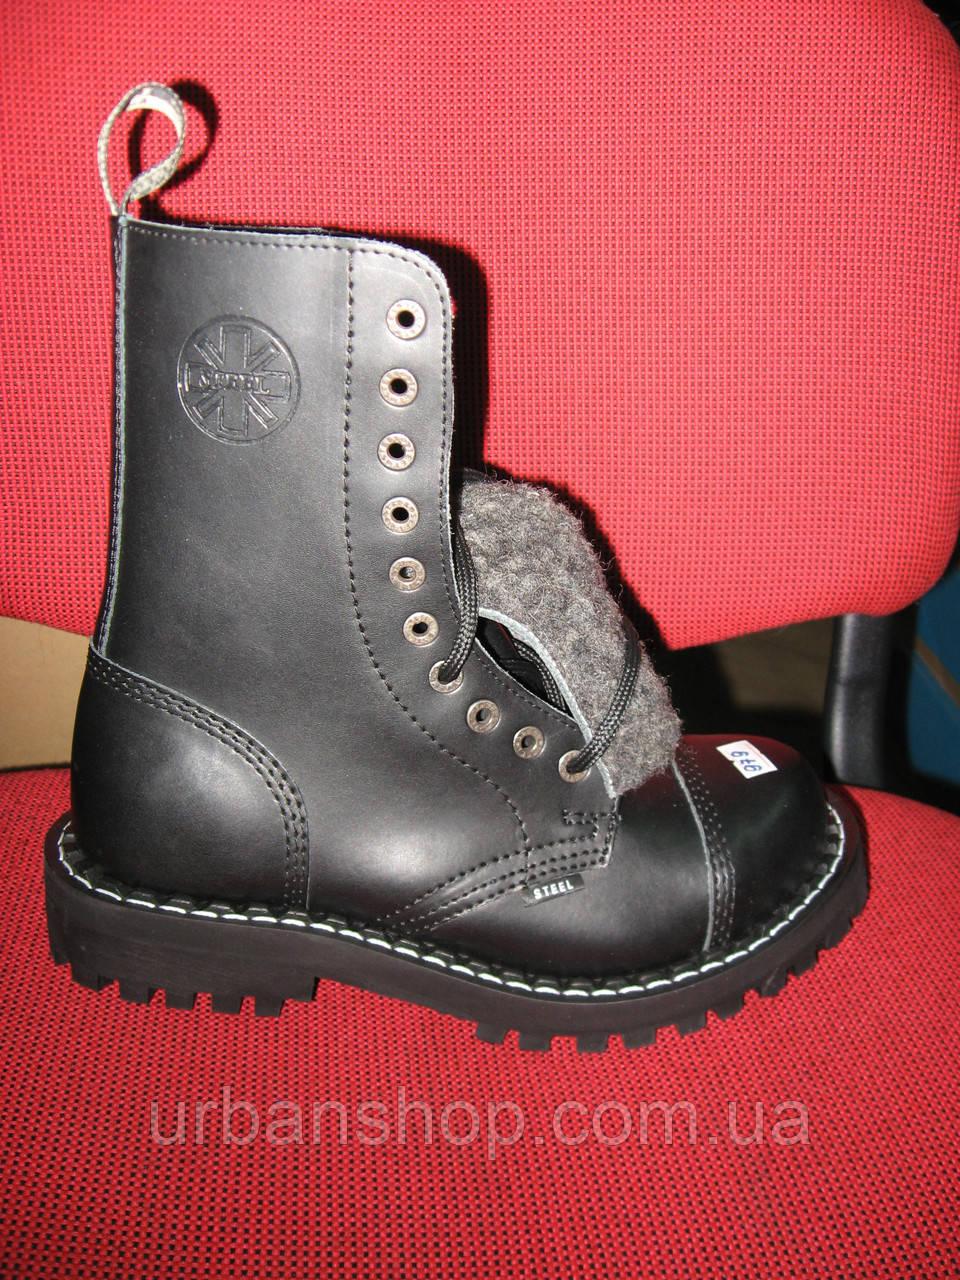 Черевики жіночі ЗИМА Steel 105/106/OCW Розміри :  -43.Black Original. Утеплені зимові на вовні.